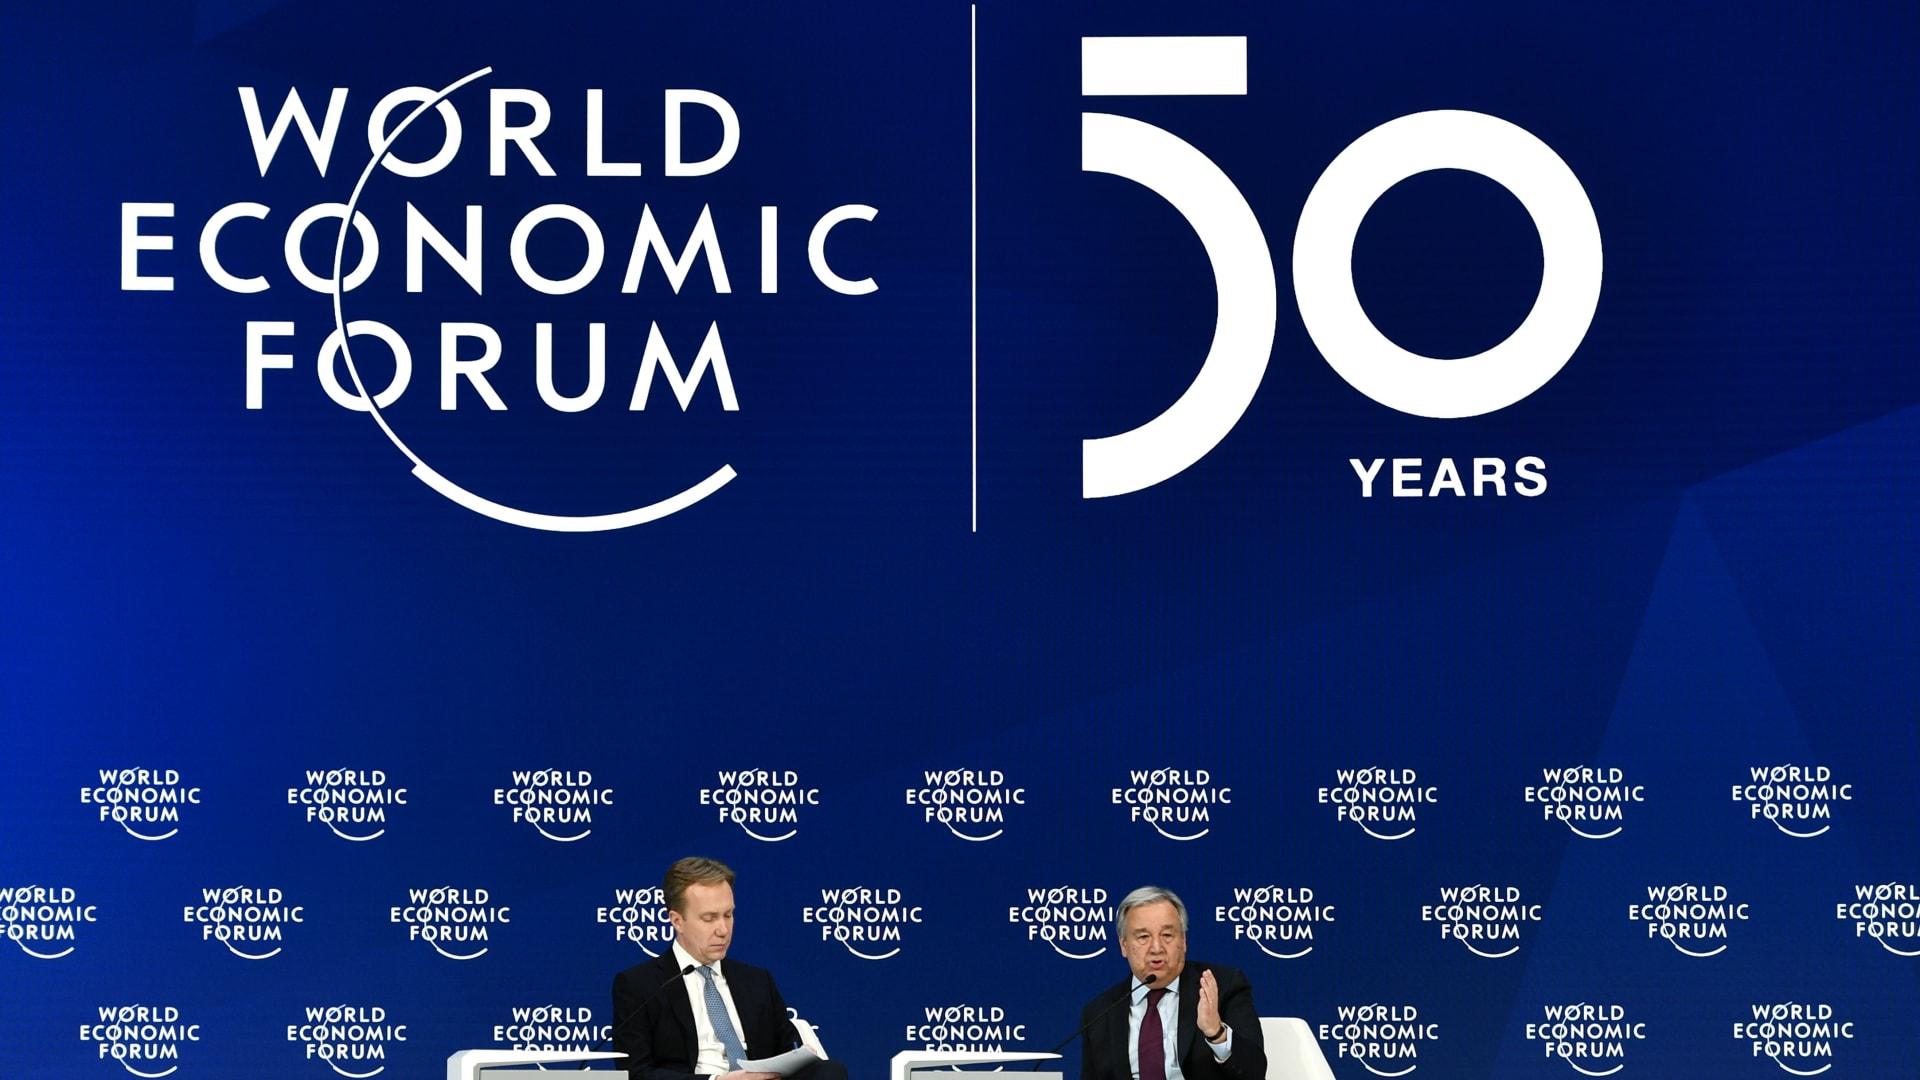 تأجيل انعقاد المنتدى الاقتصادي العالمي في سنغافورة مرة أخرى